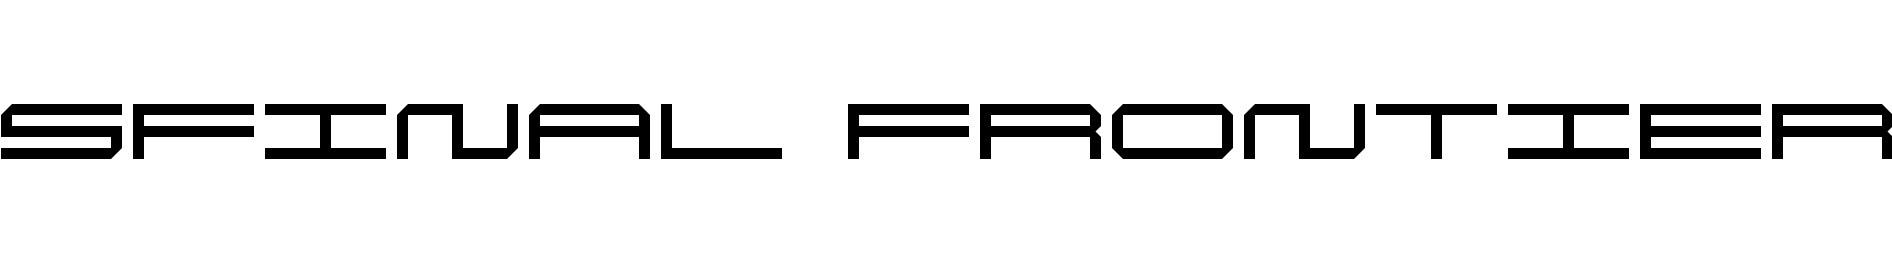 5Final Frontier